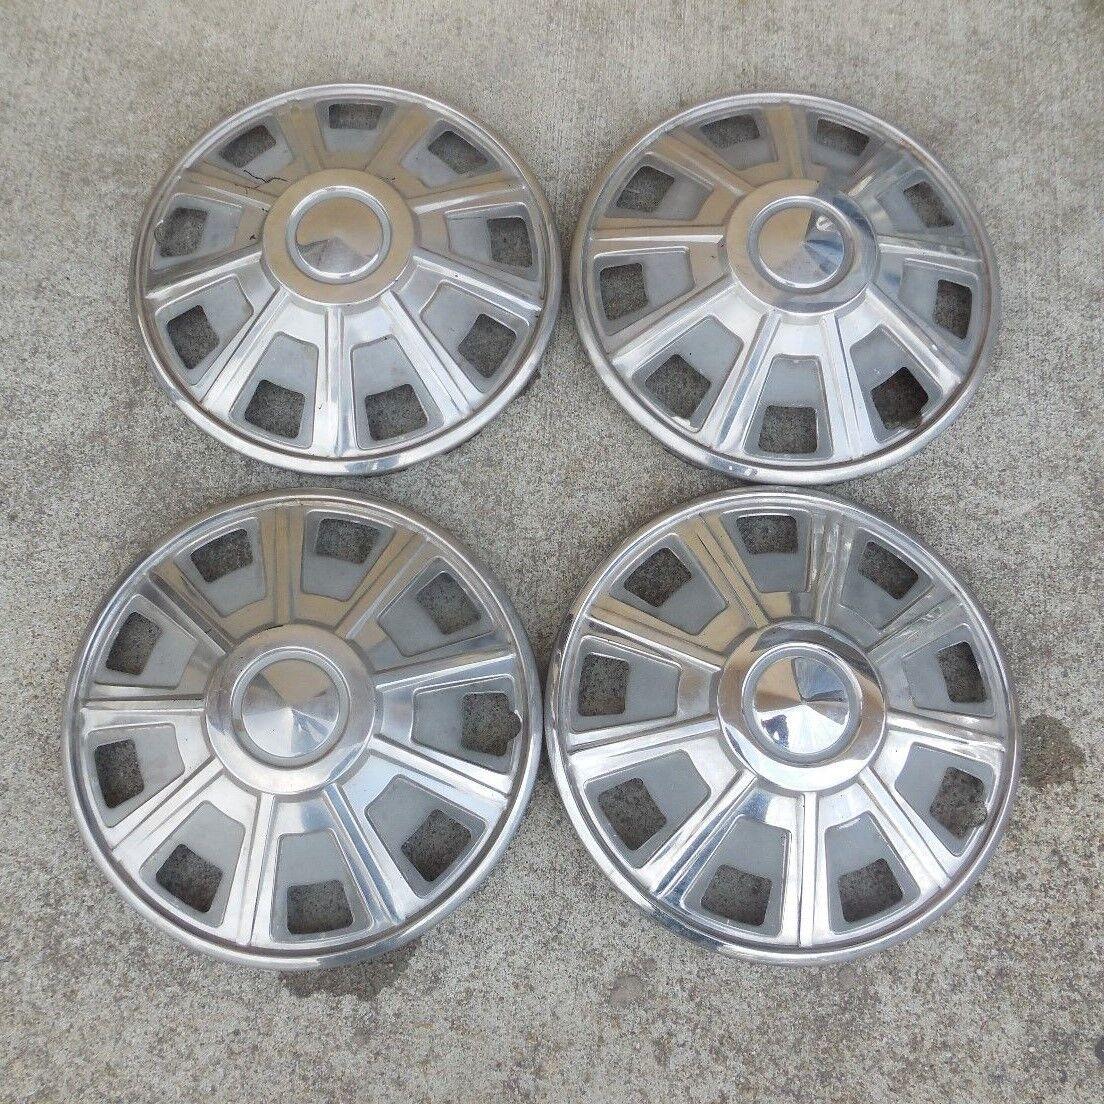 """14"""" 1971 72 73 Hubcap Wheel Cover Nissan 510 9 spoke type 14"""" steel Wheel Covers"""